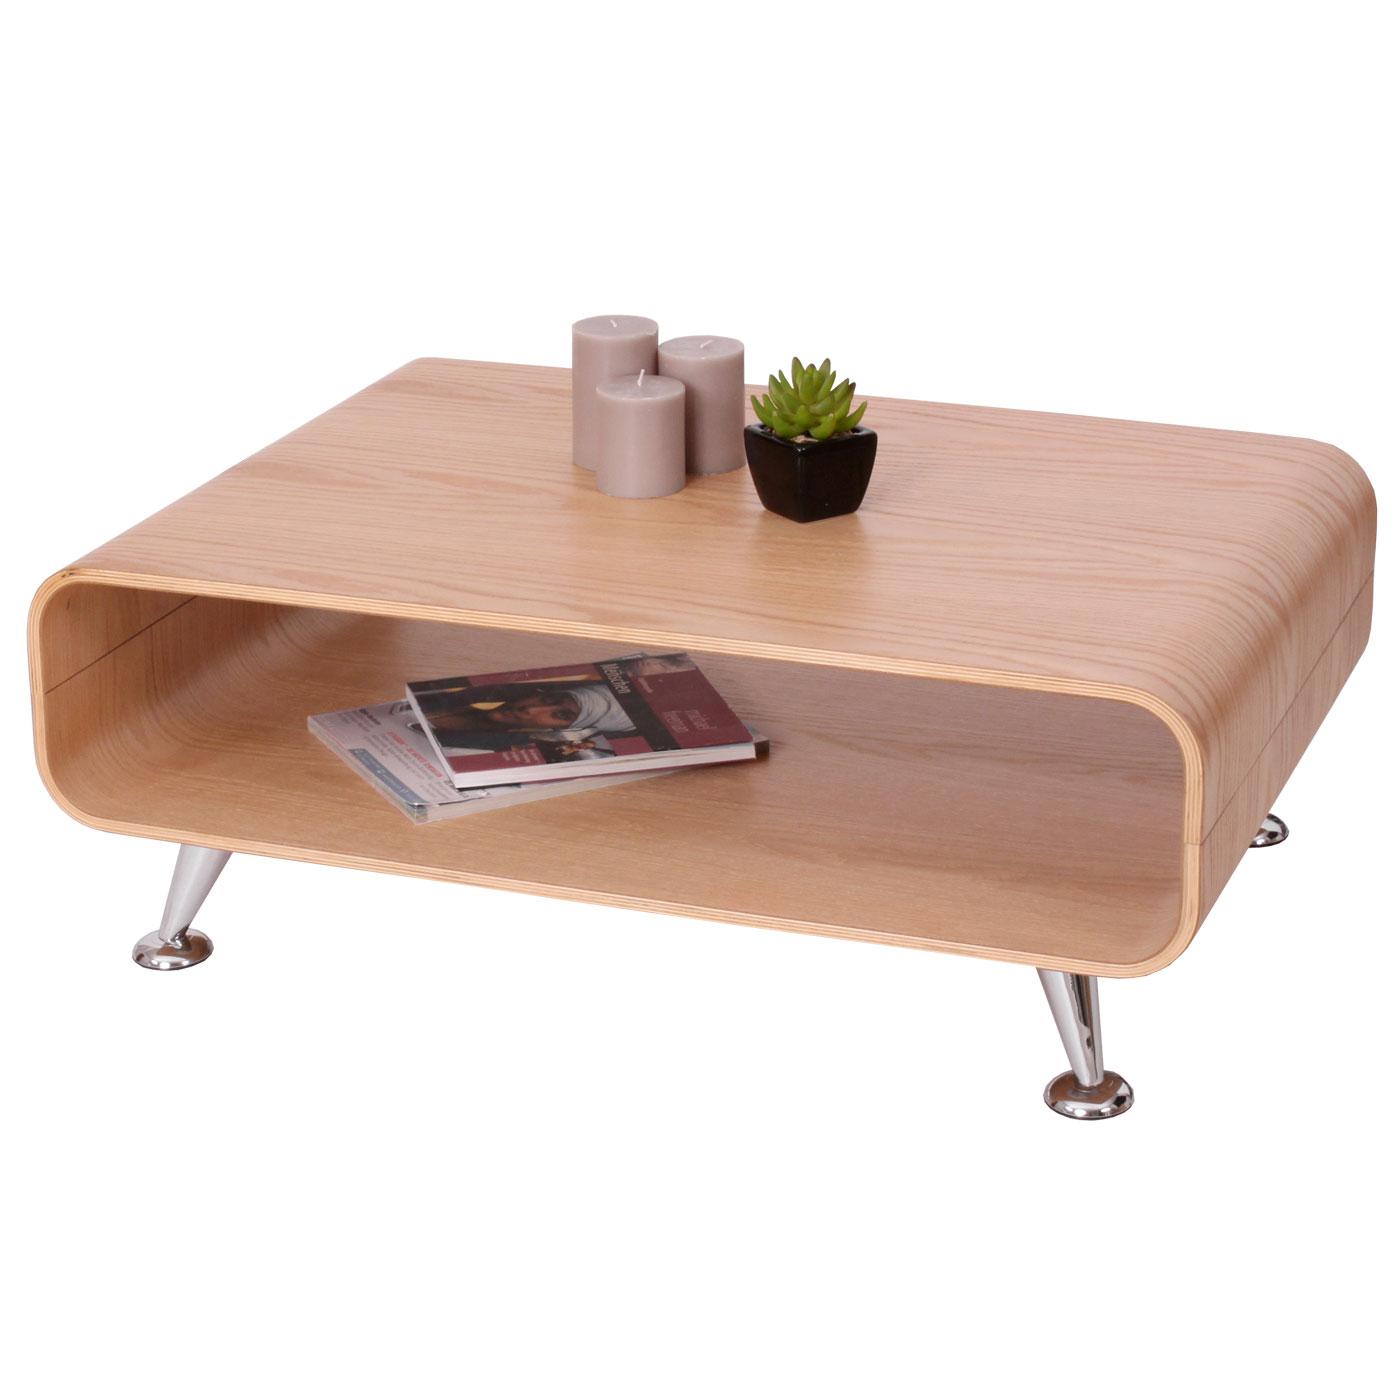 Couchtisch Loungetisch Hwc Xxl 33x90x60cm Eiche Natur Jambch